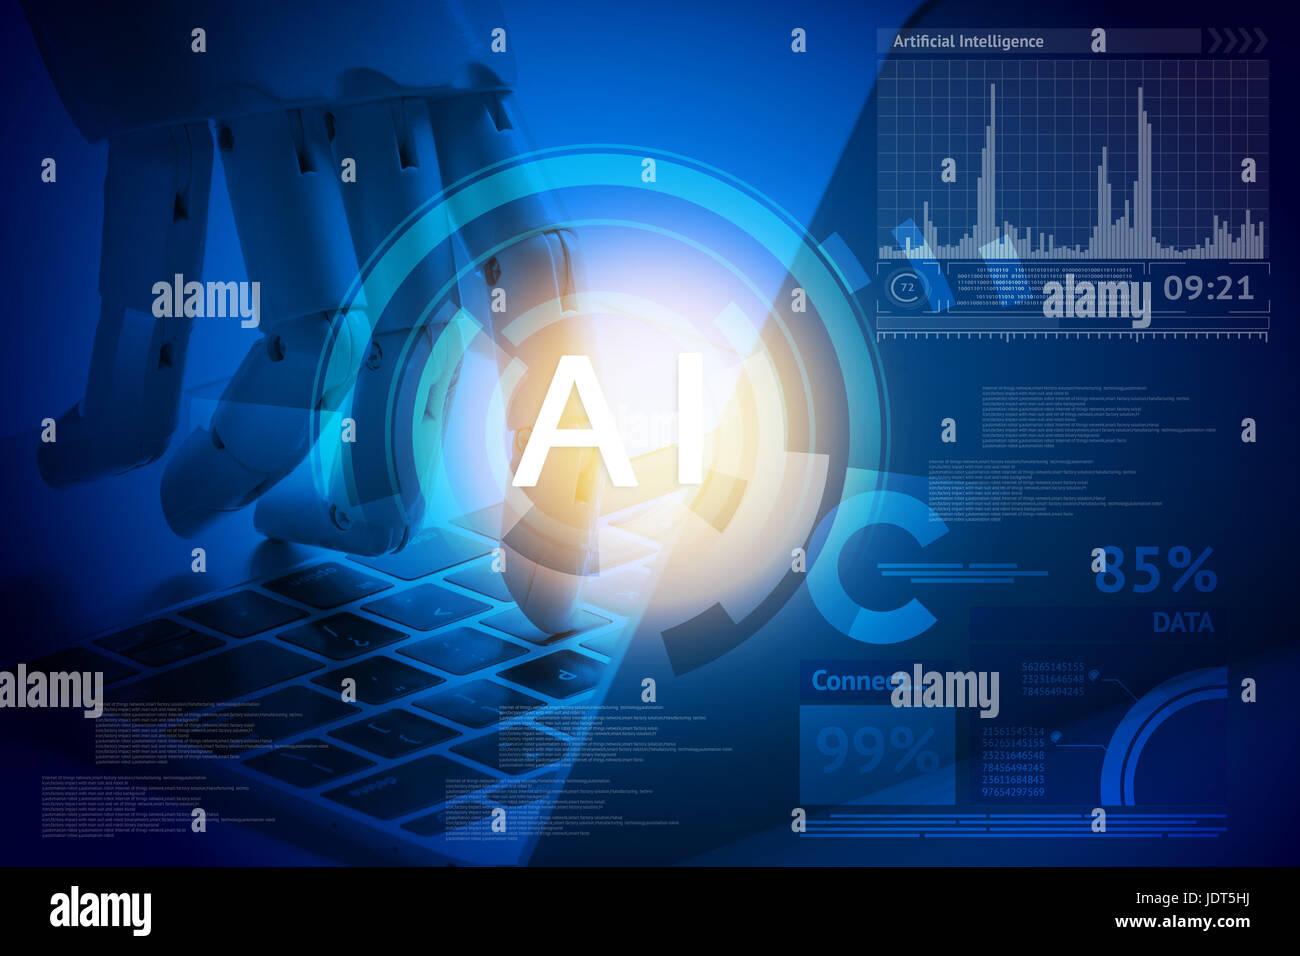 Artificial Intelligence Robo Advisor Robotic Concept Robot